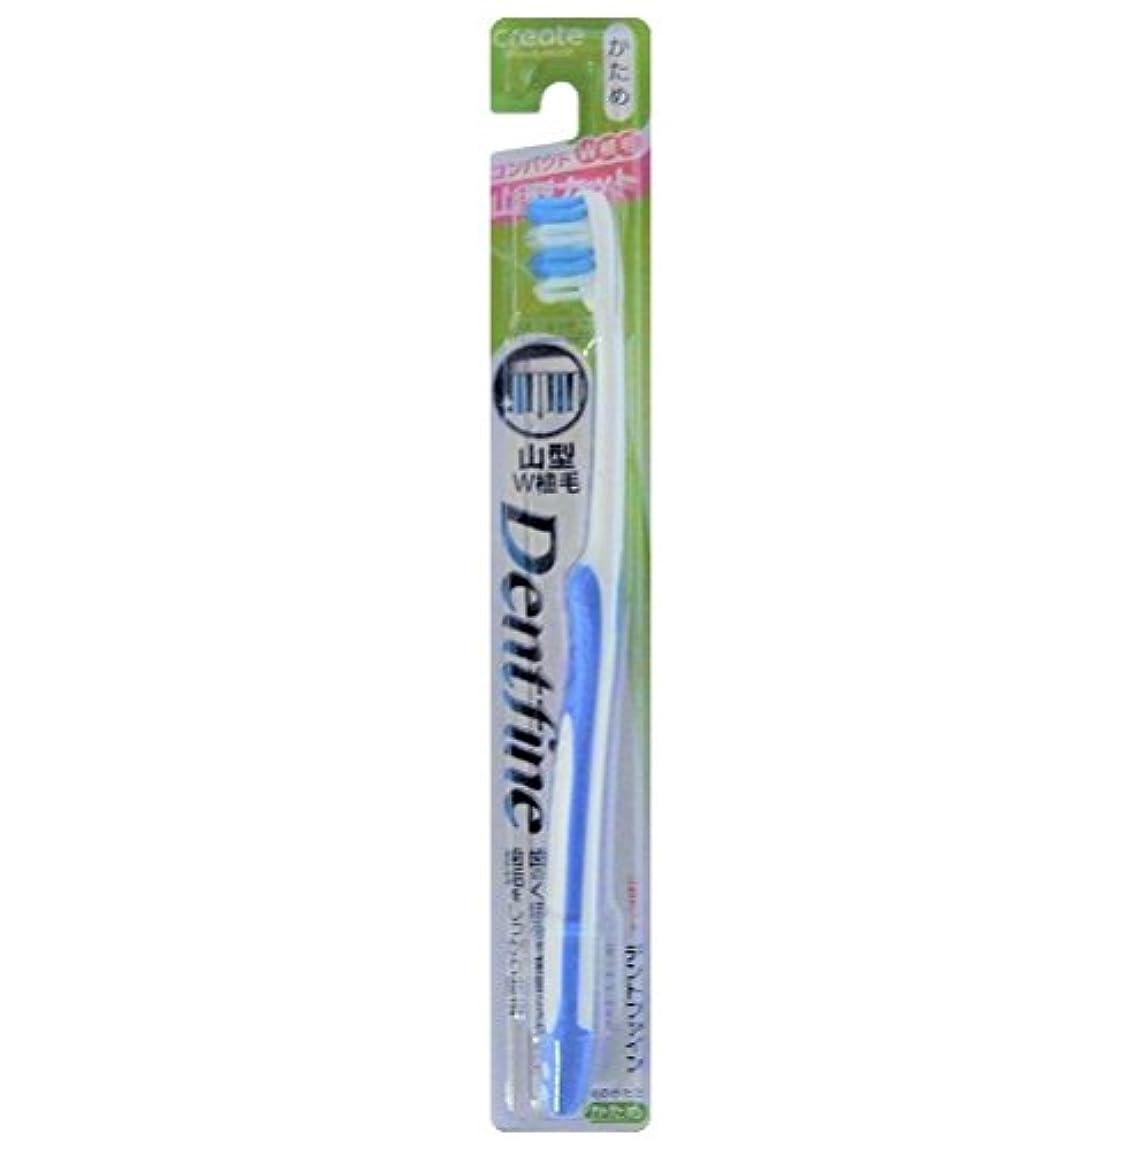 記憶化合物地雷原デントファイン ラバーグリップ 山切りカット 歯ブラシ かため 1本:ブルー